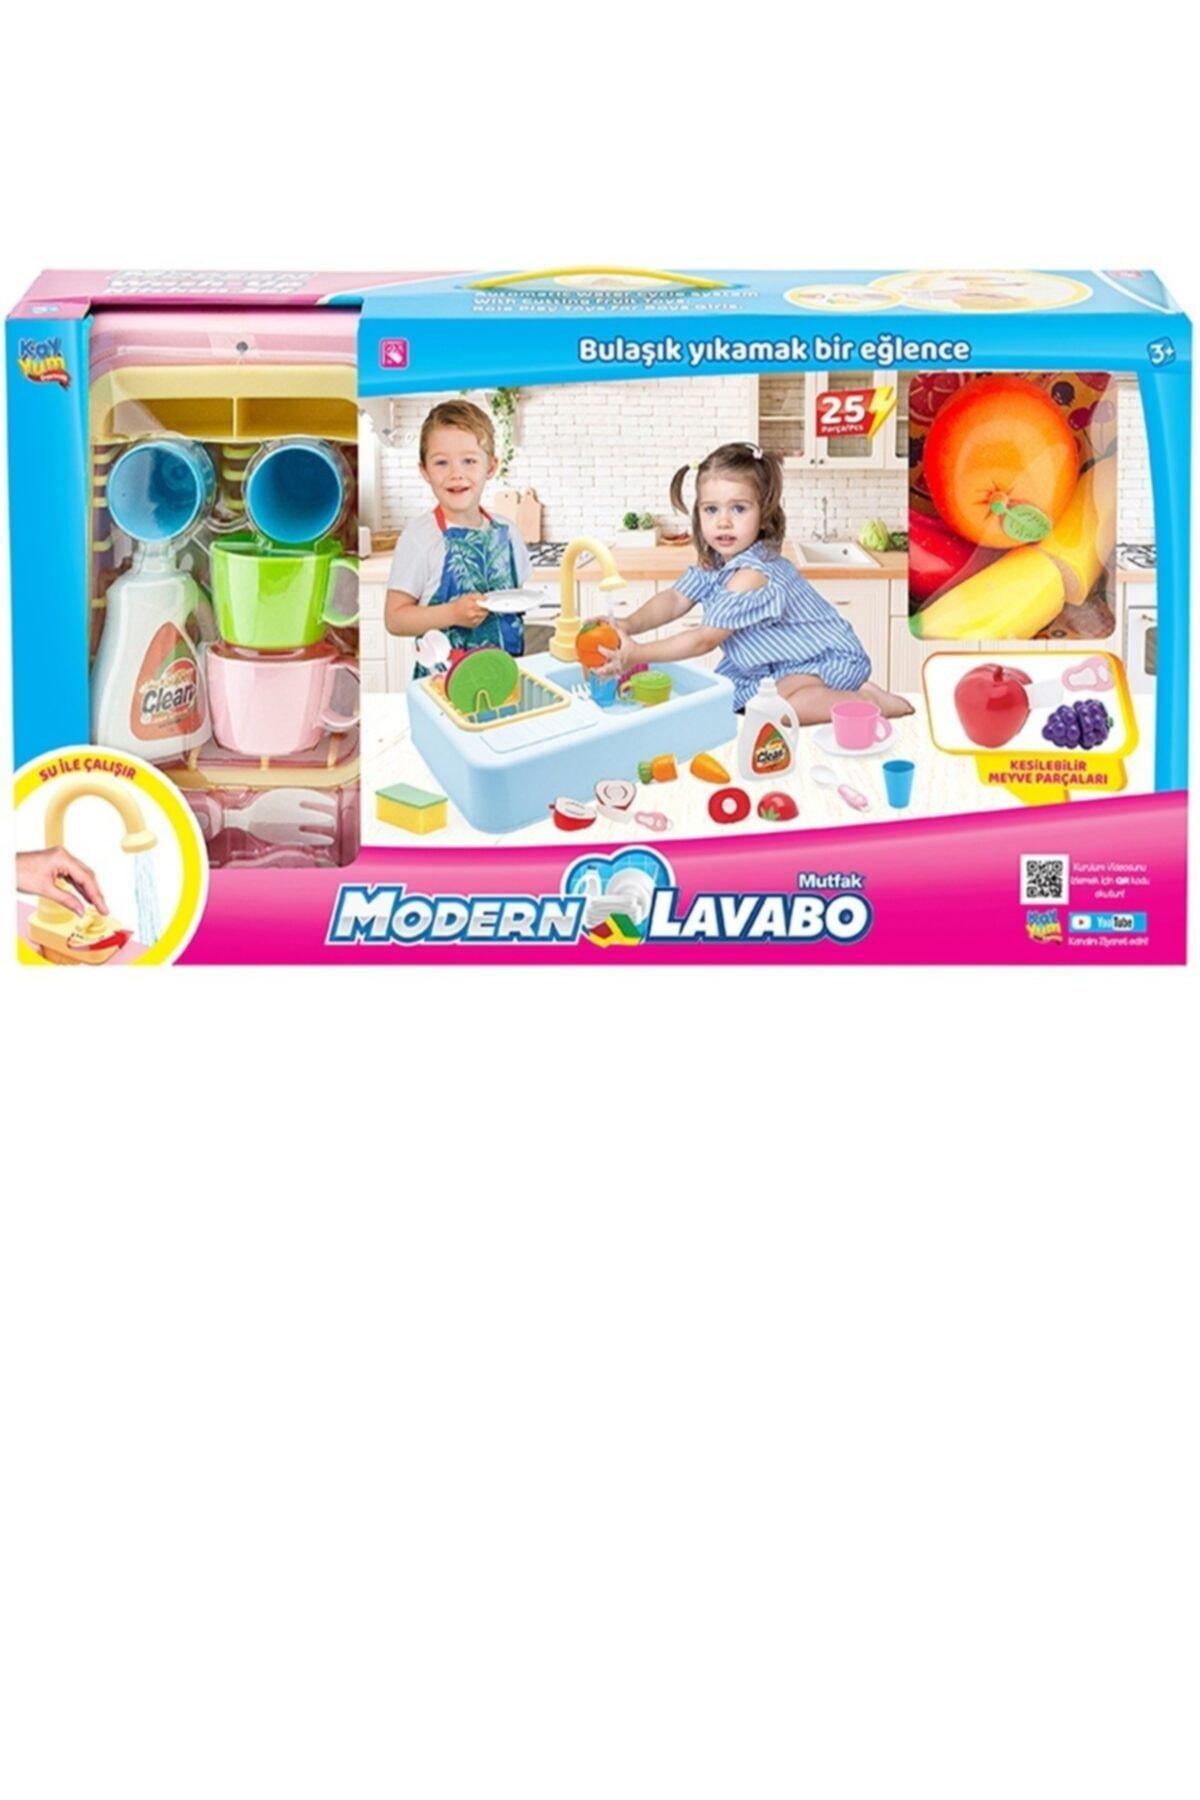 Kayyum Oyuncak Modern Çeşmeli Lavabo Seti Pilli Mutfak Oyuncak Seti 2